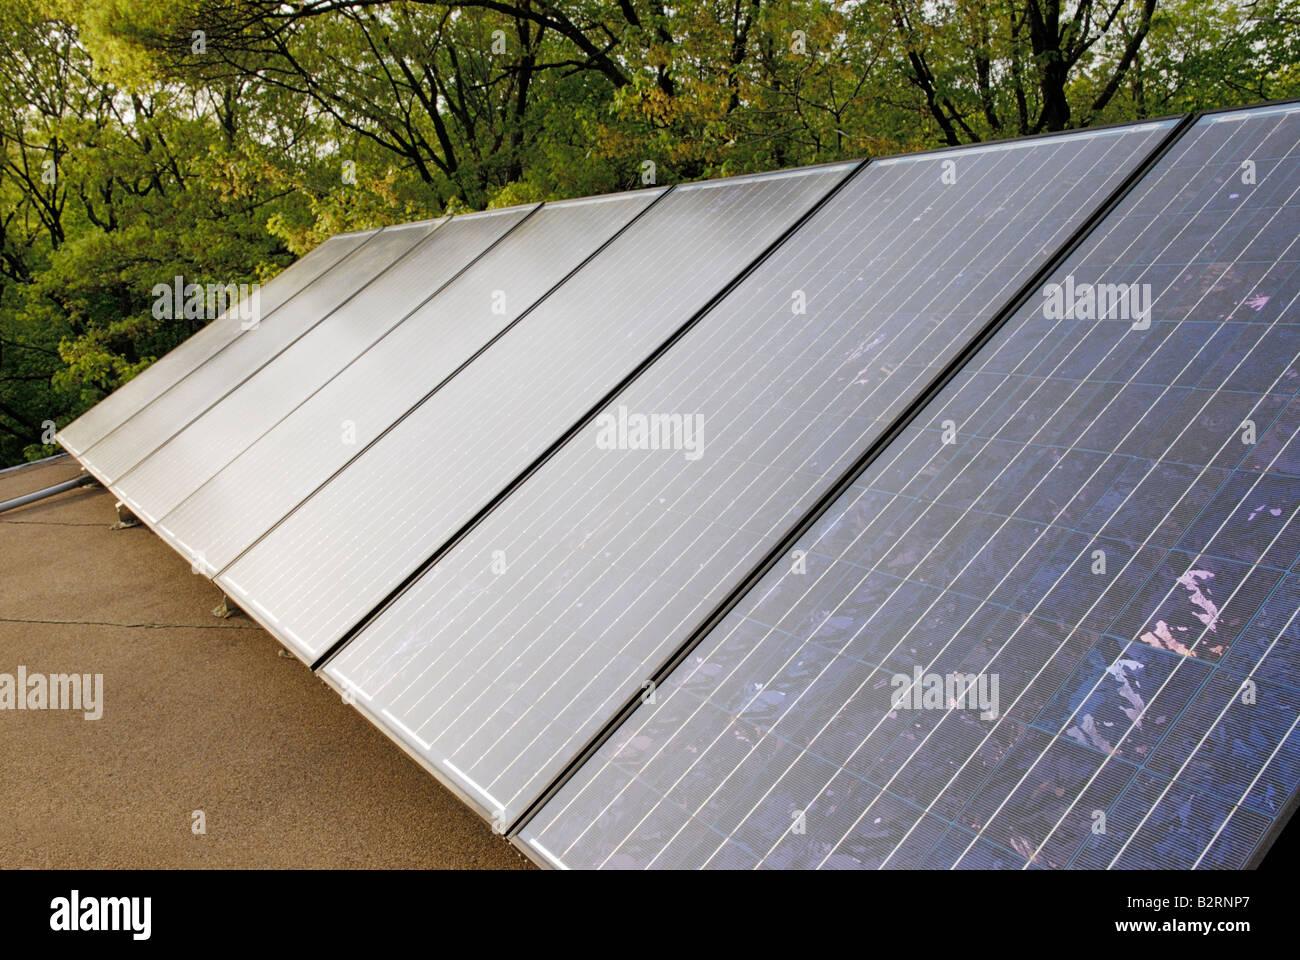 Panneaux d'énergie solaire photovoltaïque sur le toit d'une maison Photo Stock